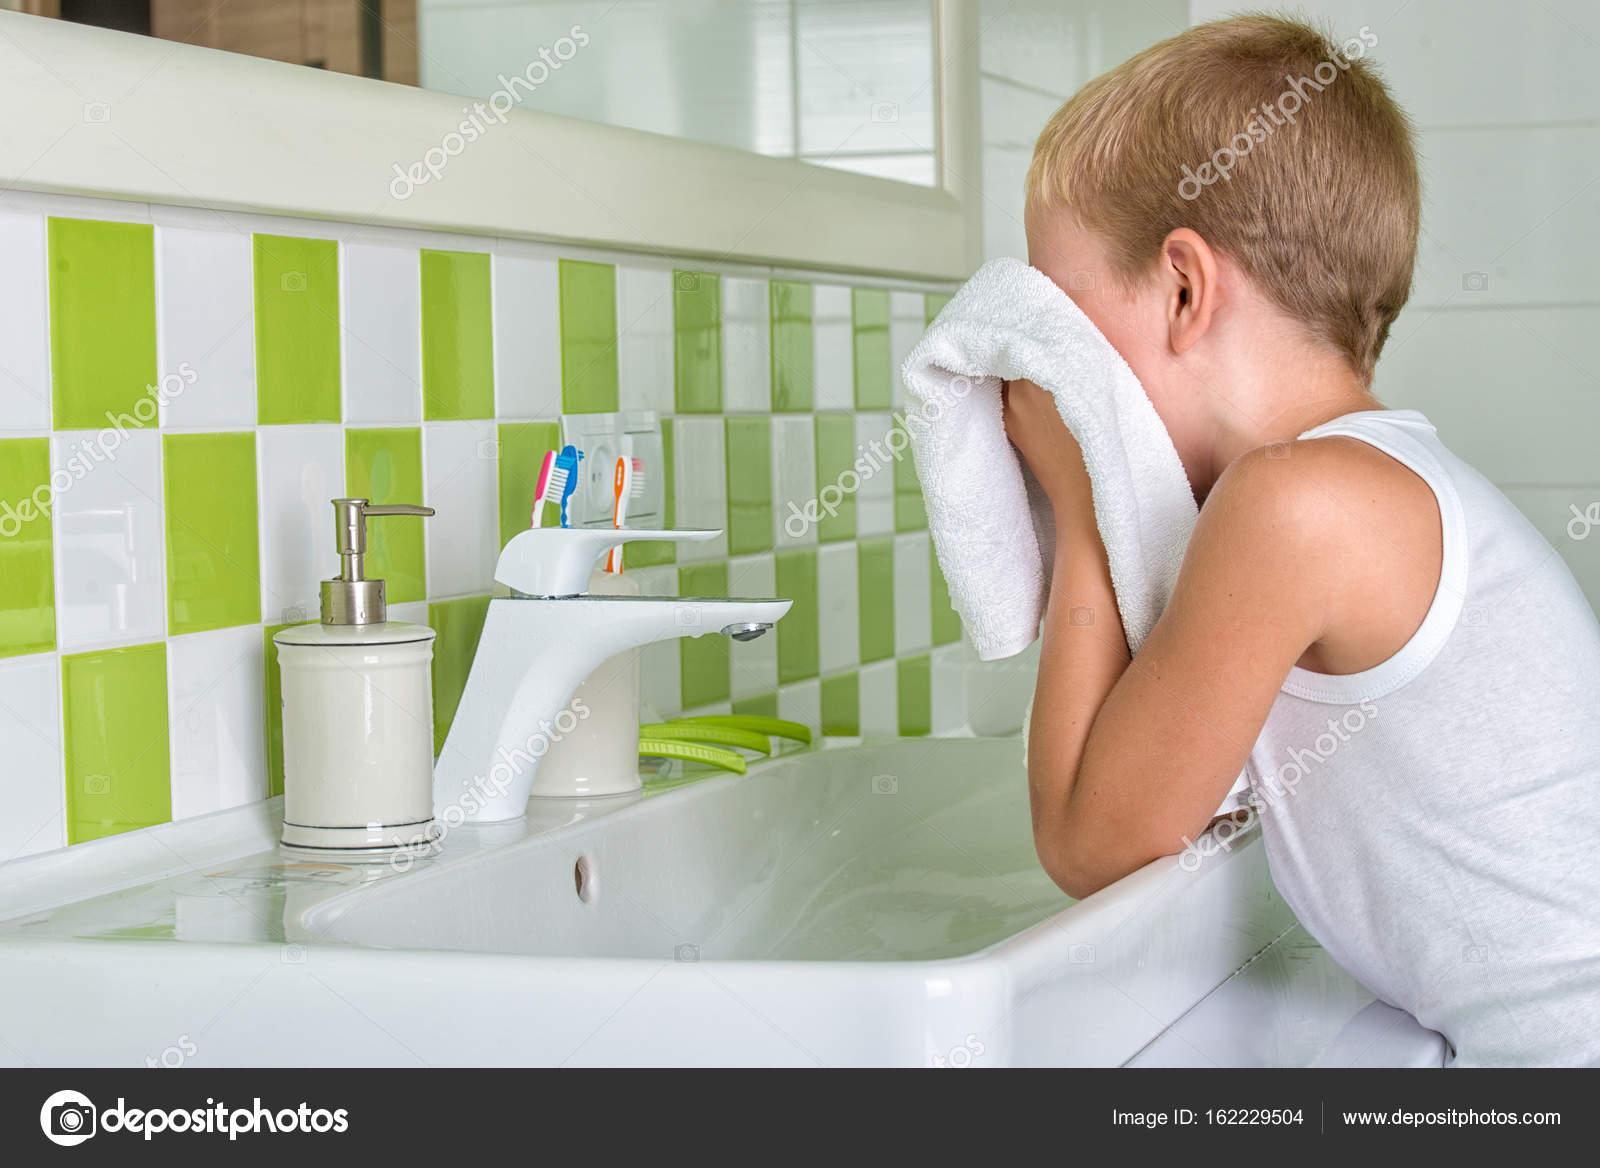 Un Niño Lava La Cara Limpia Su Rostro Con Una Toalla En El Baño